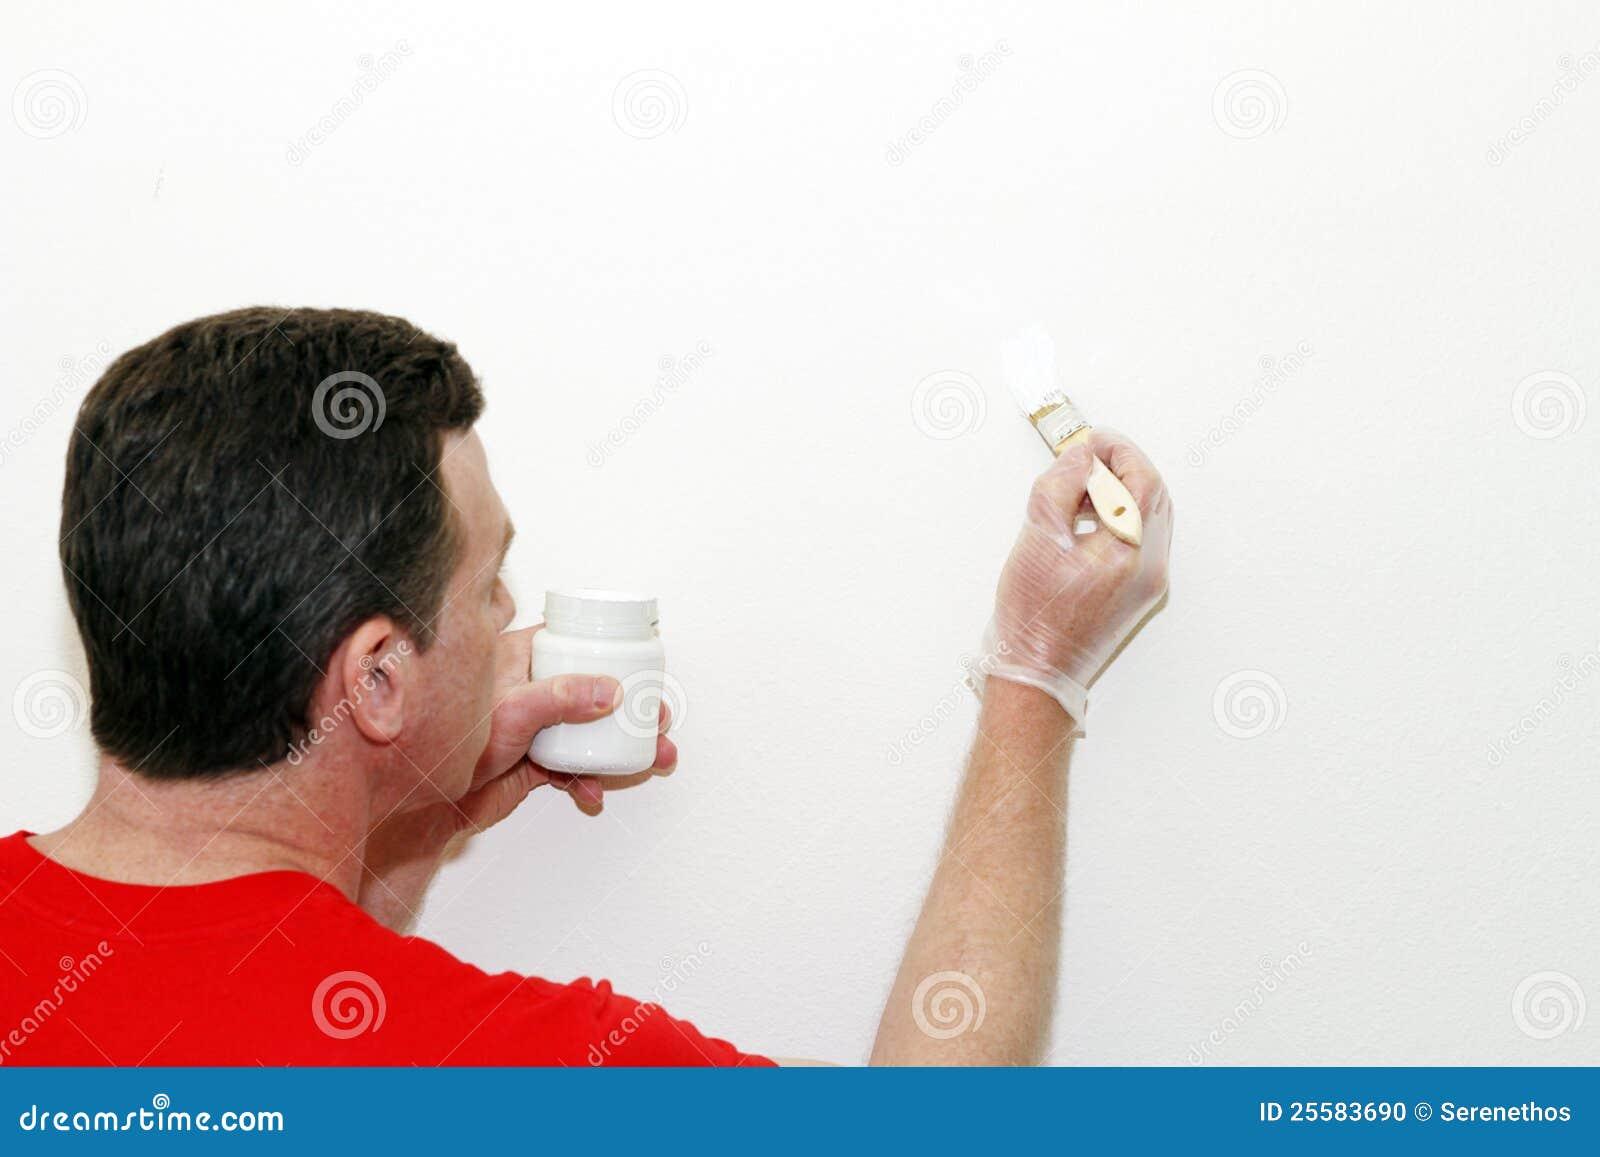 peinture de retouche de peinture d 39 homme photo stock image 25583690. Black Bedroom Furniture Sets. Home Design Ideas